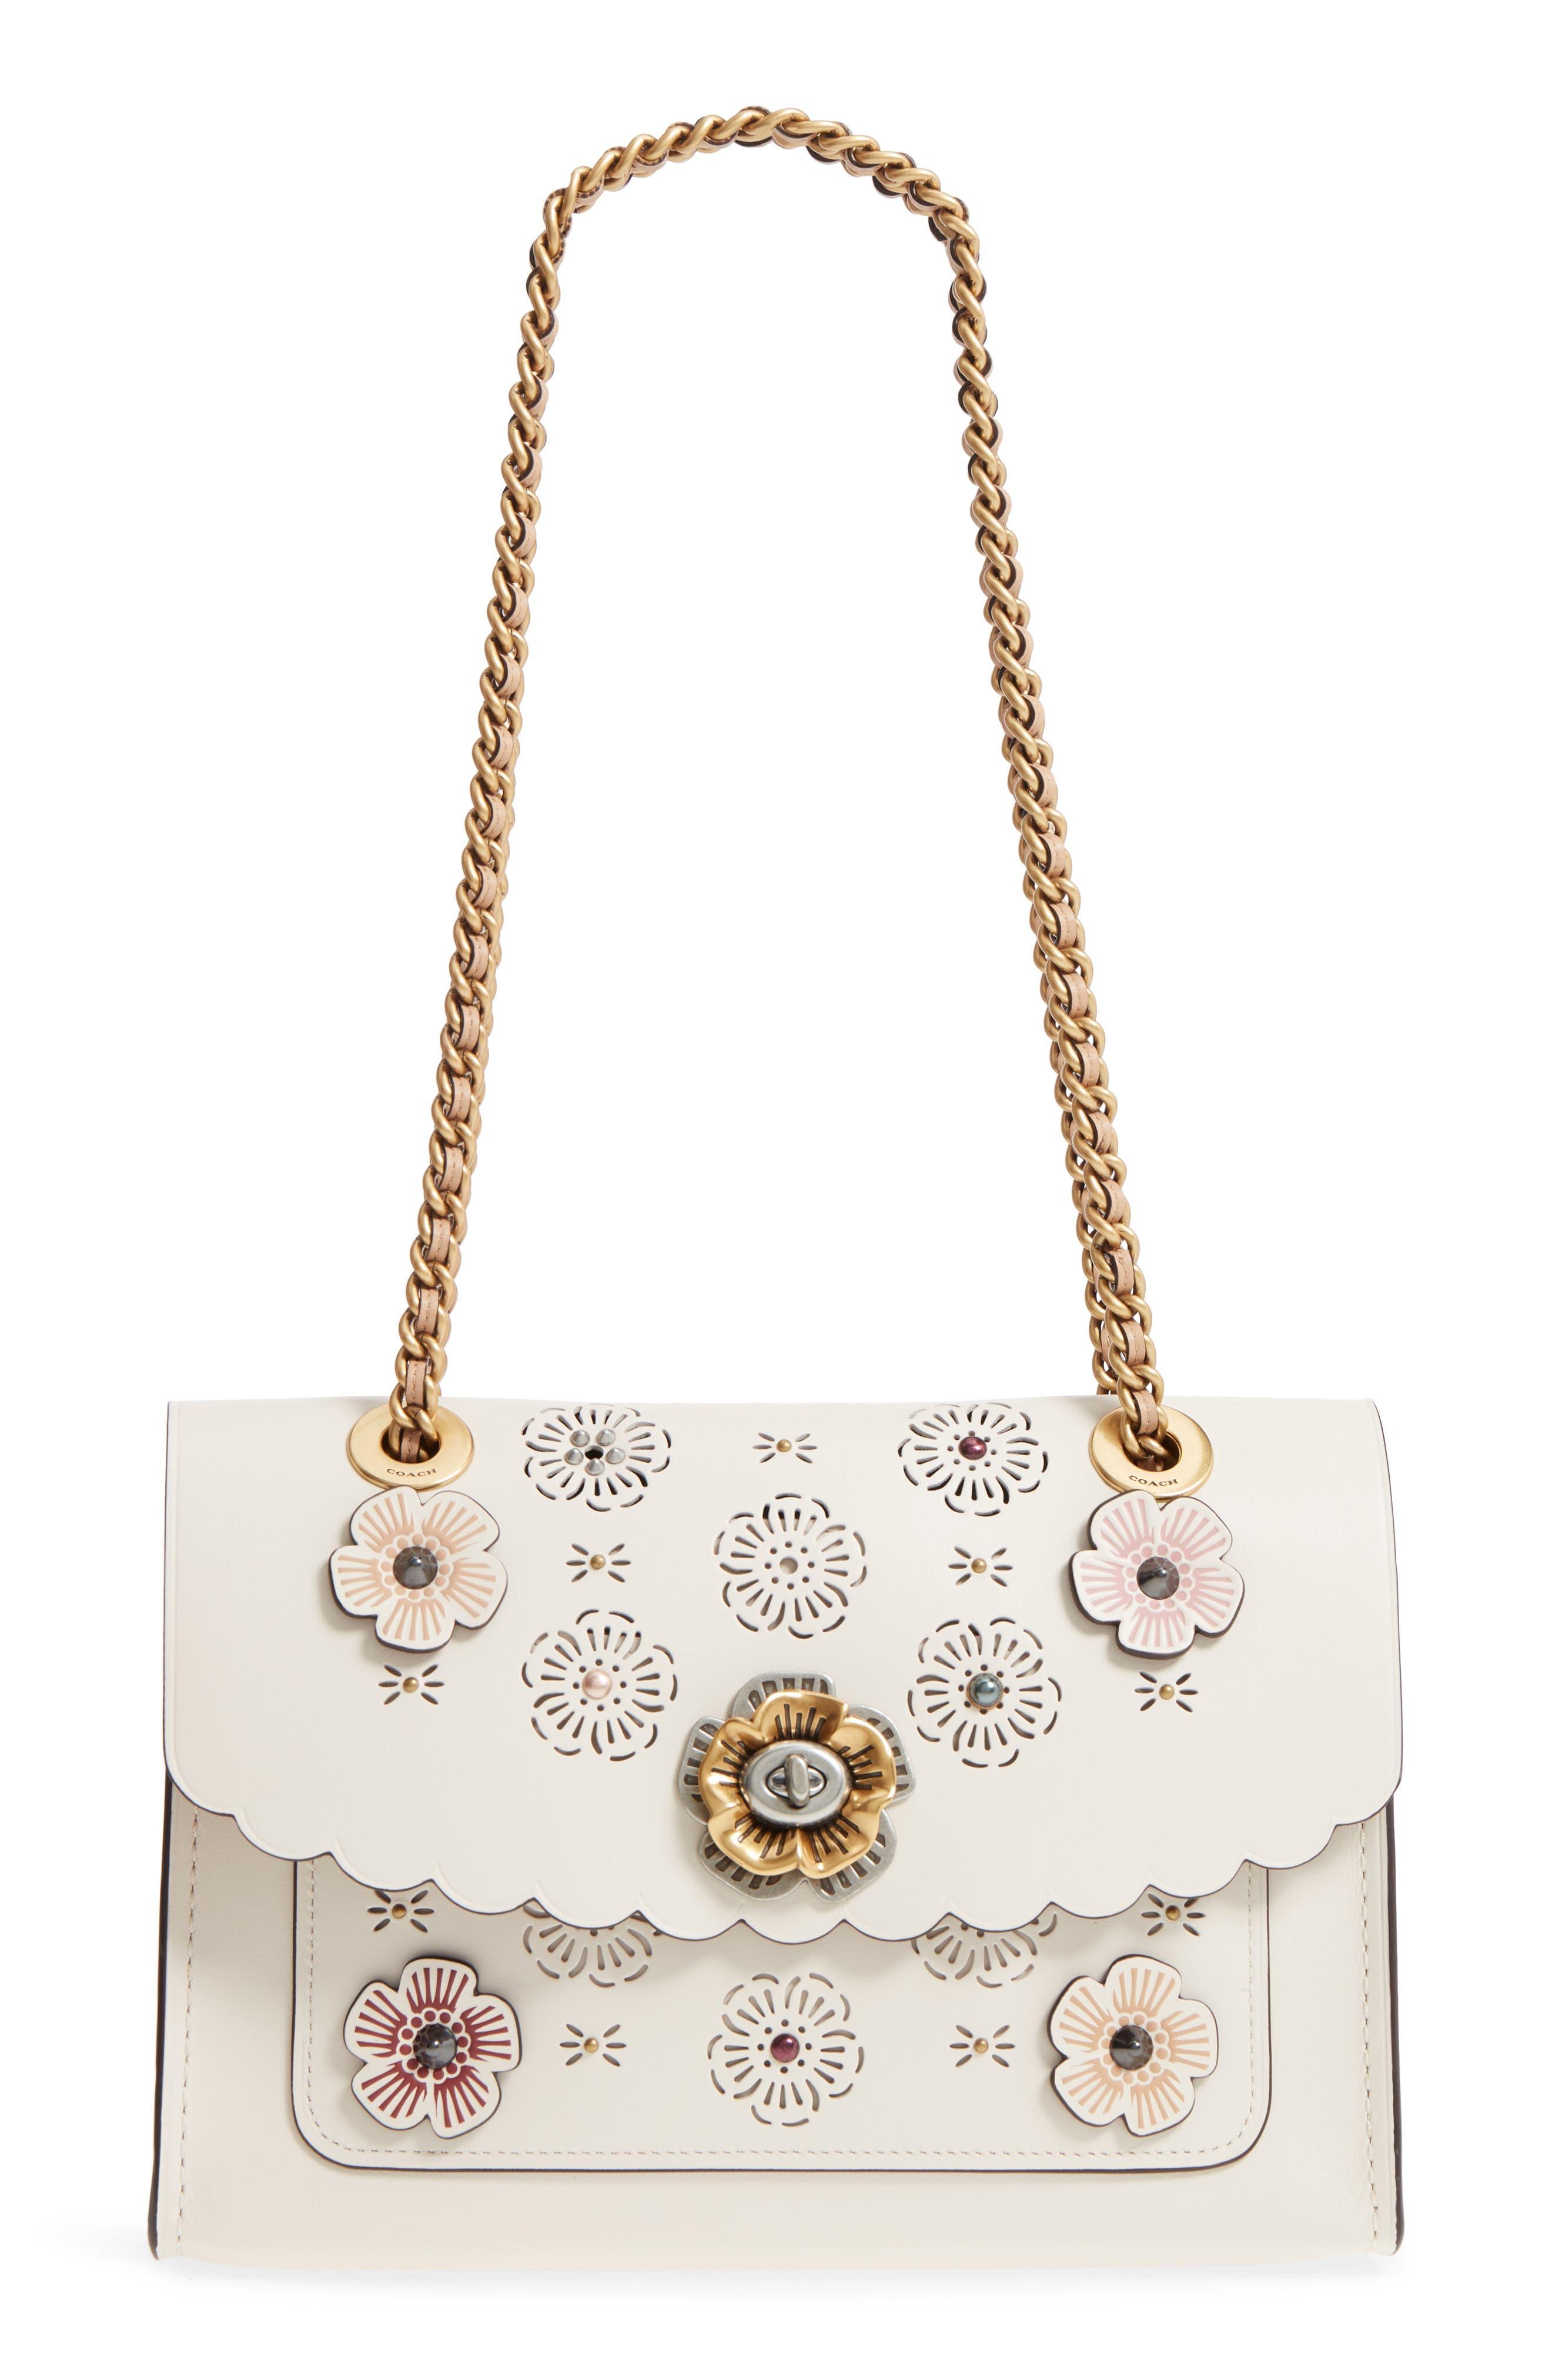 Parker Floral Embellished Leather Shoulder Bag,                             Main thumbnail 1, color,